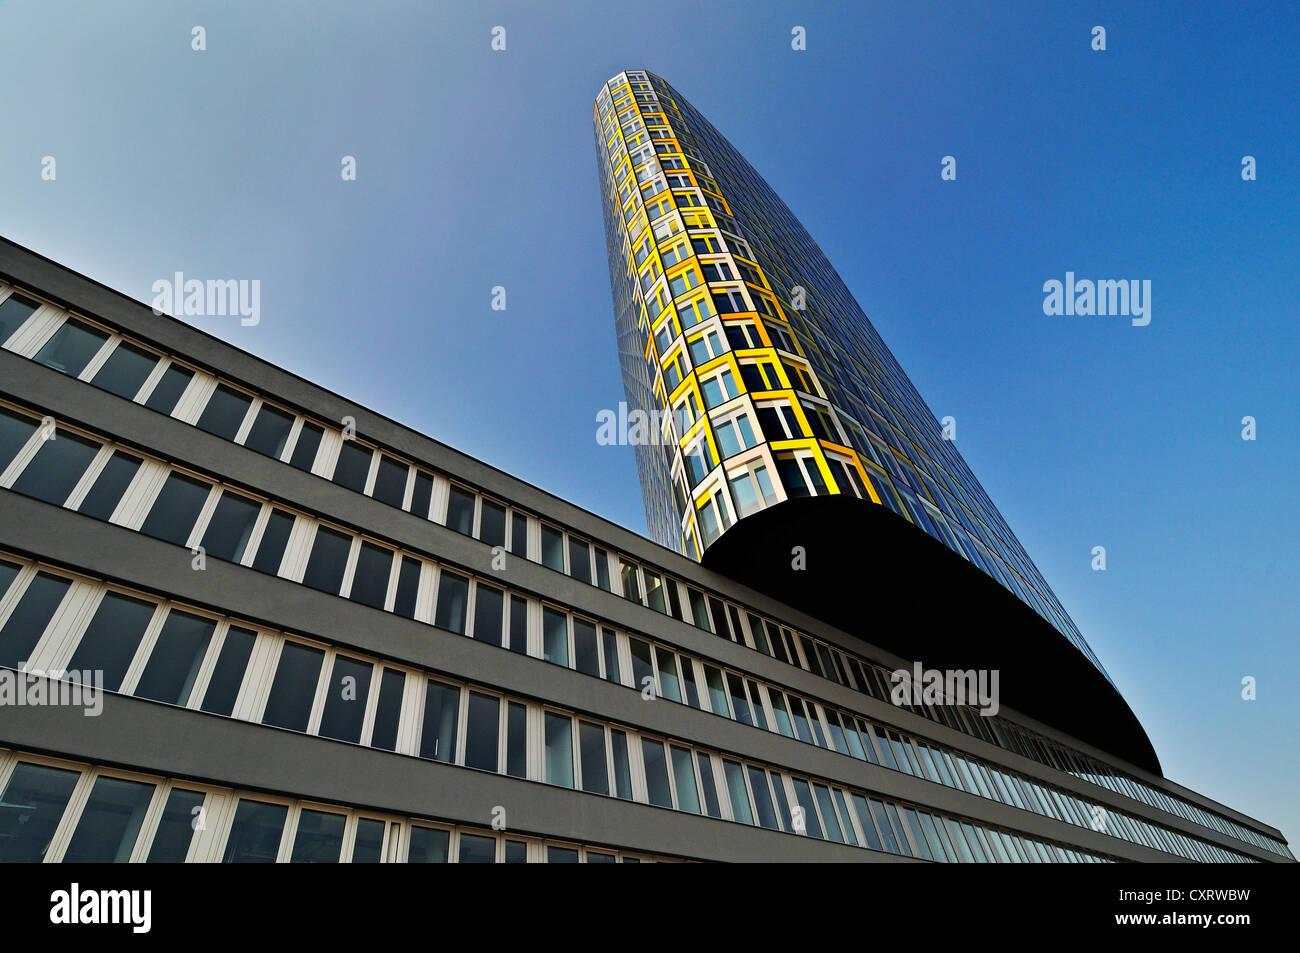 Le nouveau siège de l'ADAC, le club automobile allemand, Hansastrasse street 23-25, Munich, Bavaria, Germany, Photo Stock